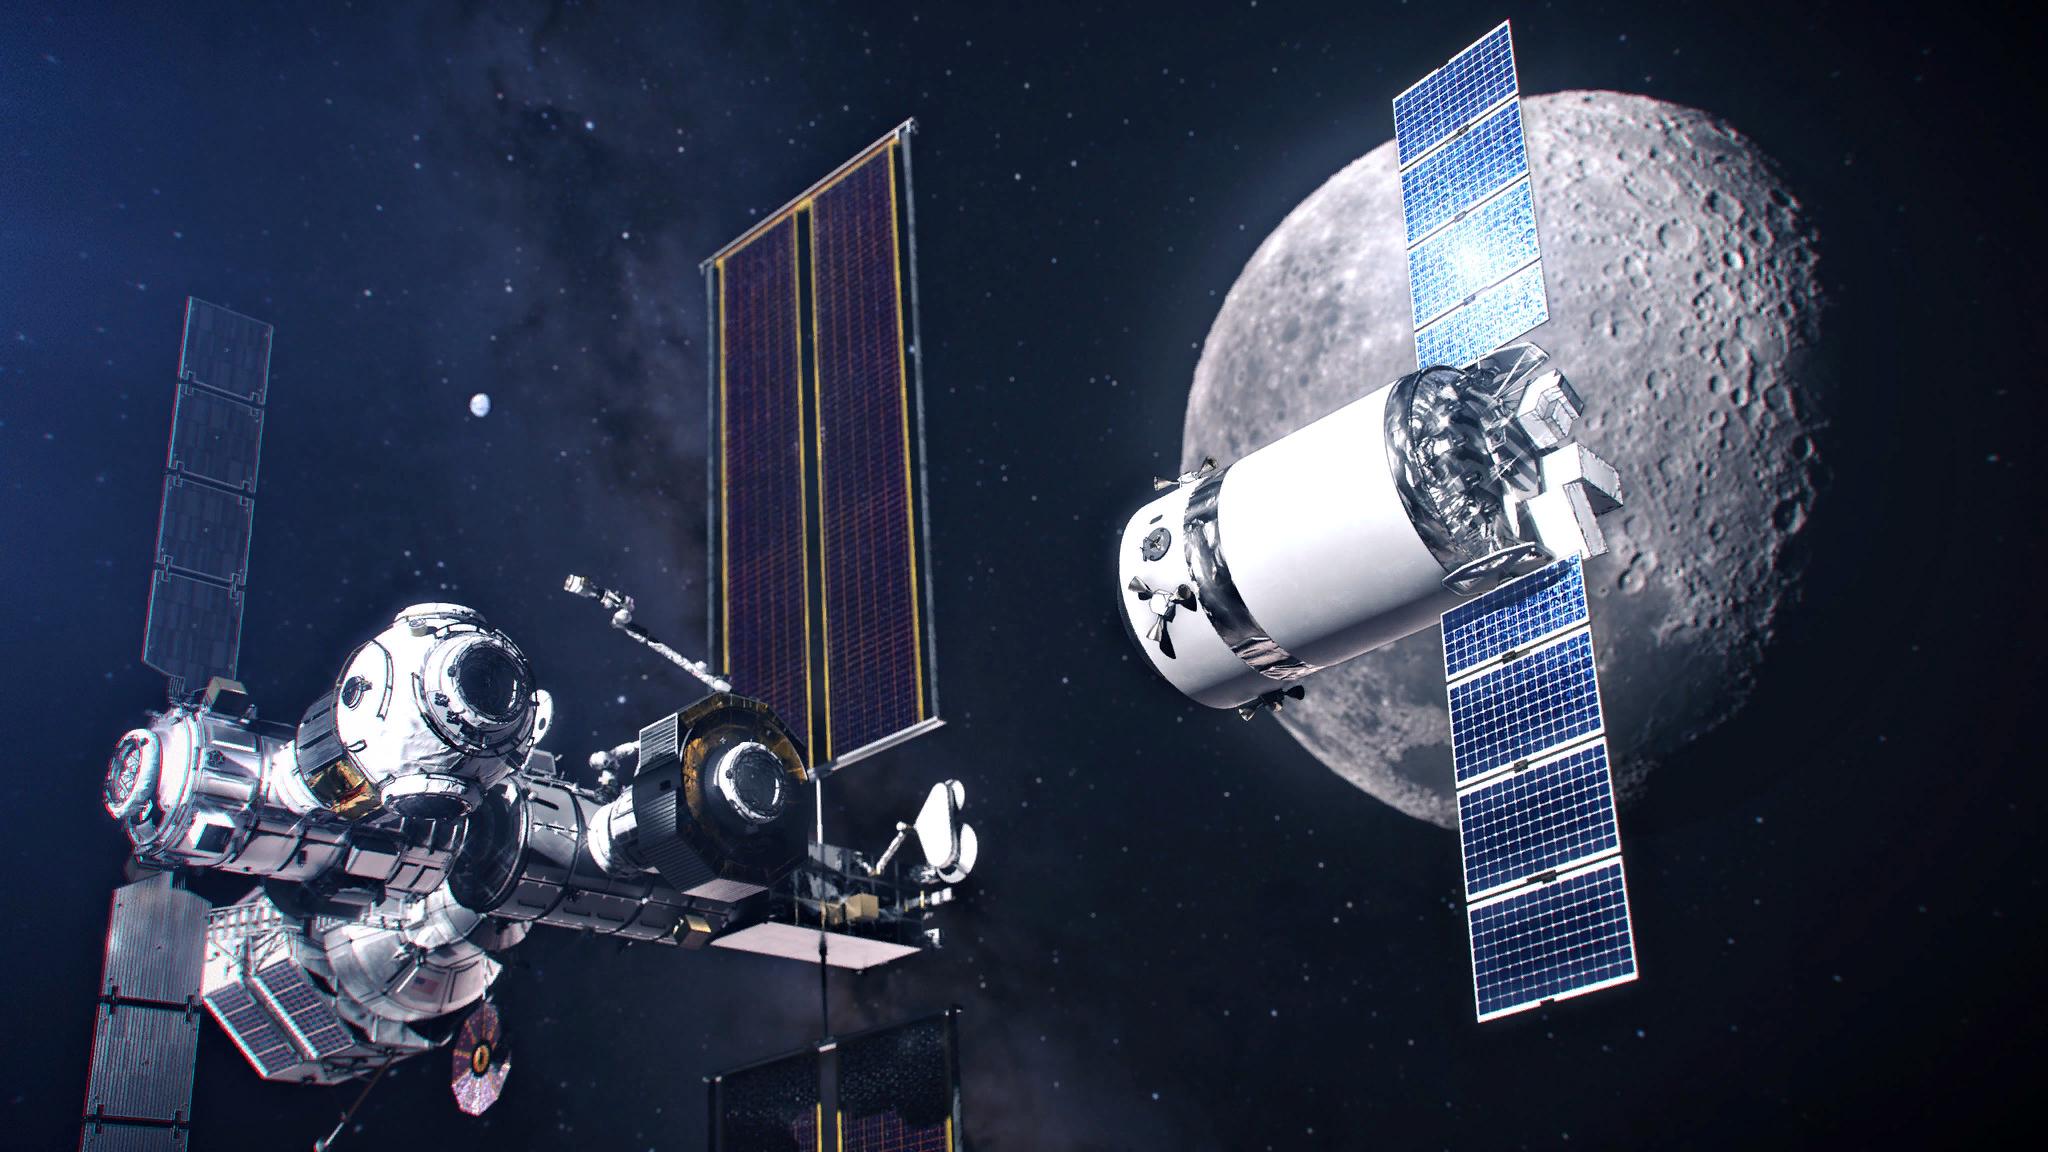 Лунная  орбитальная станция  Gateway